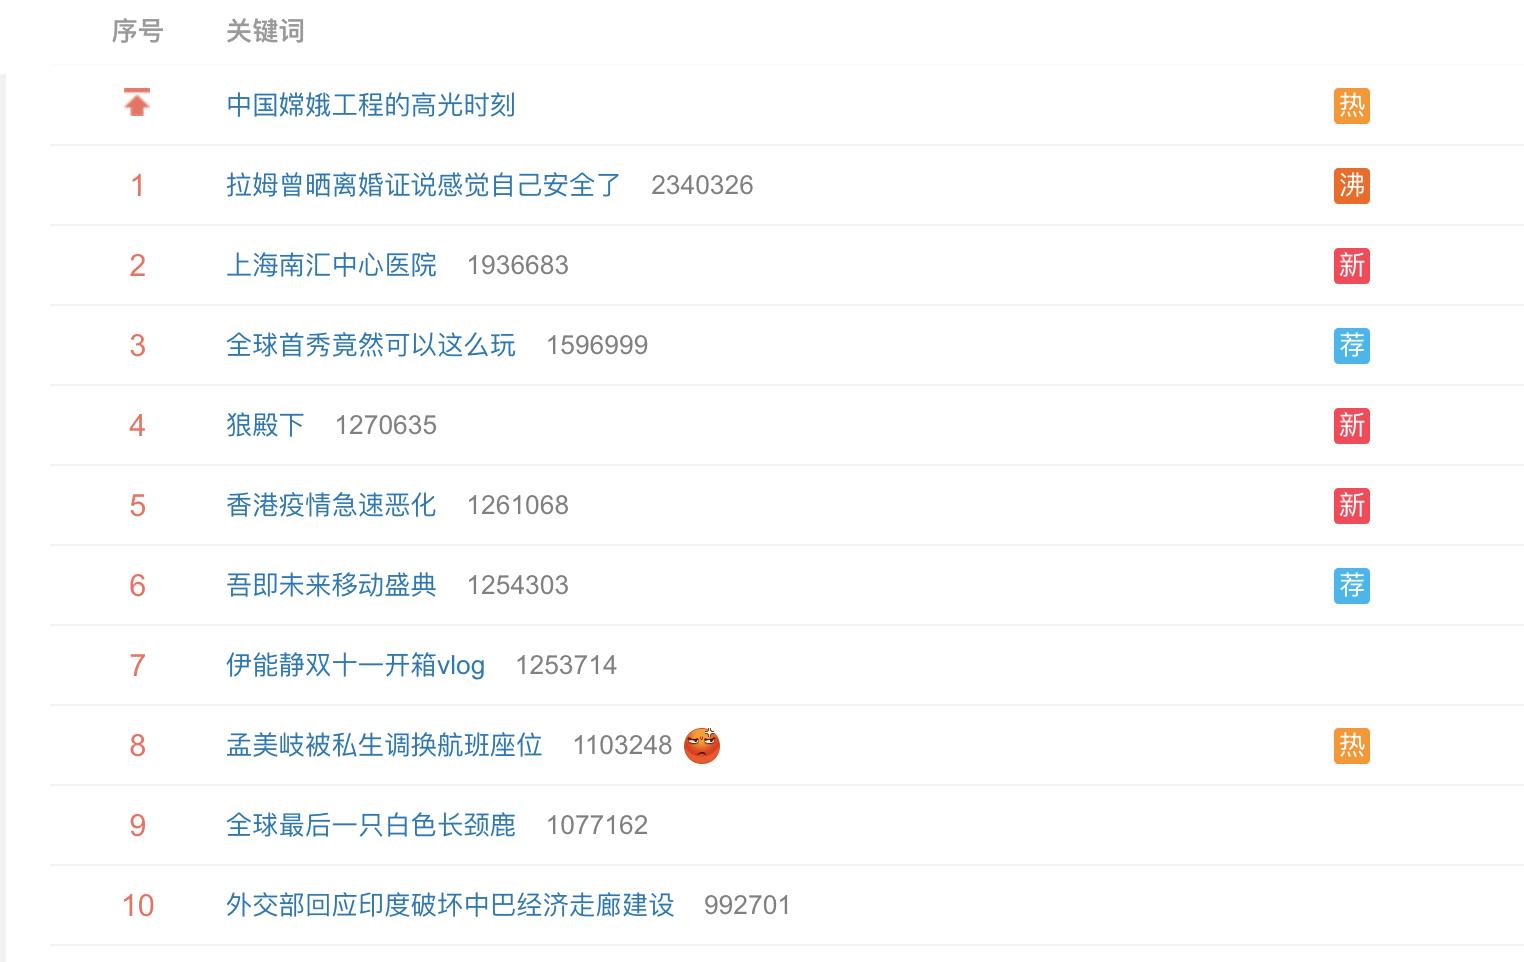 確診病例所在醫院11月20日登上微博熱搜排行榜第二名,超過193.6萬人查詢。(網路截圖)